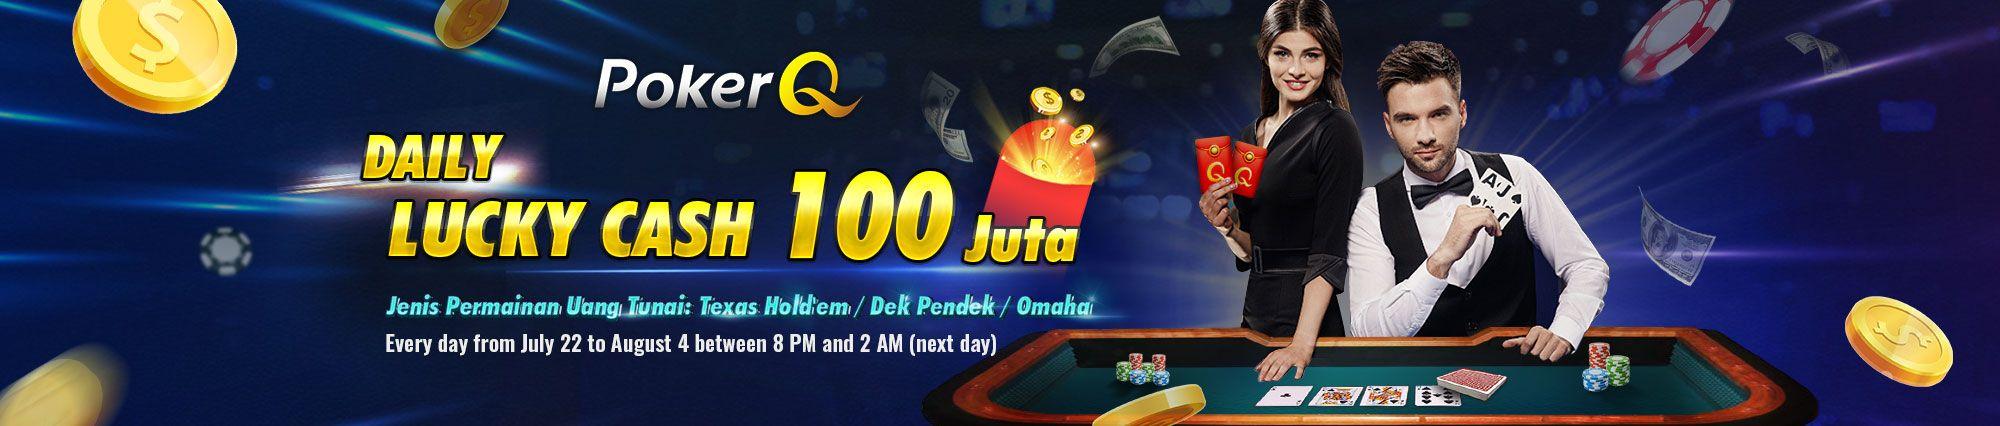 poker q